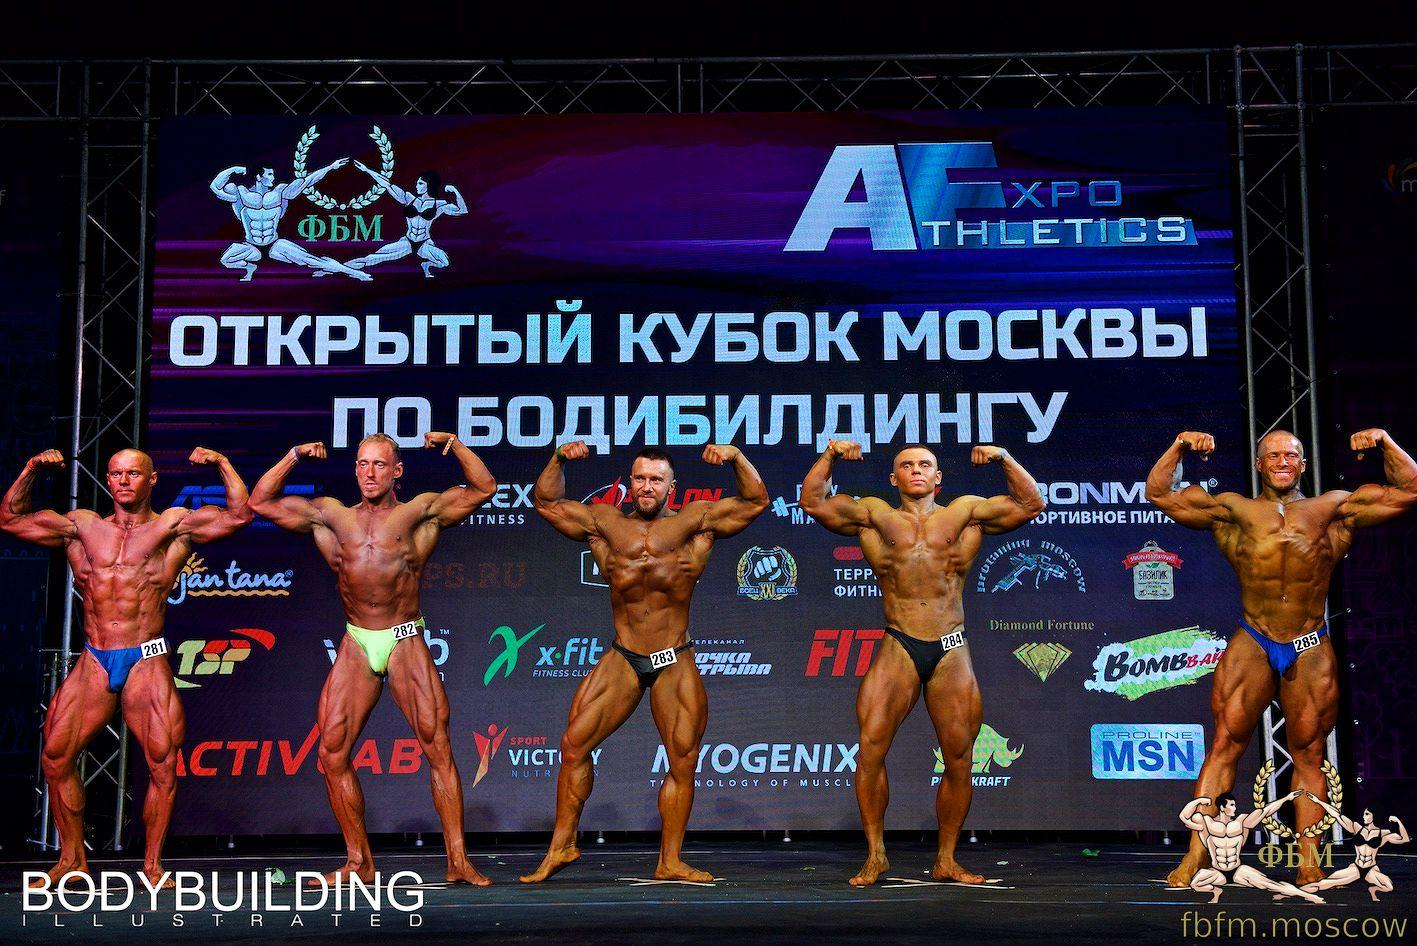 Кубок Москвы по бодибилдингу 2019 - фото с турнира